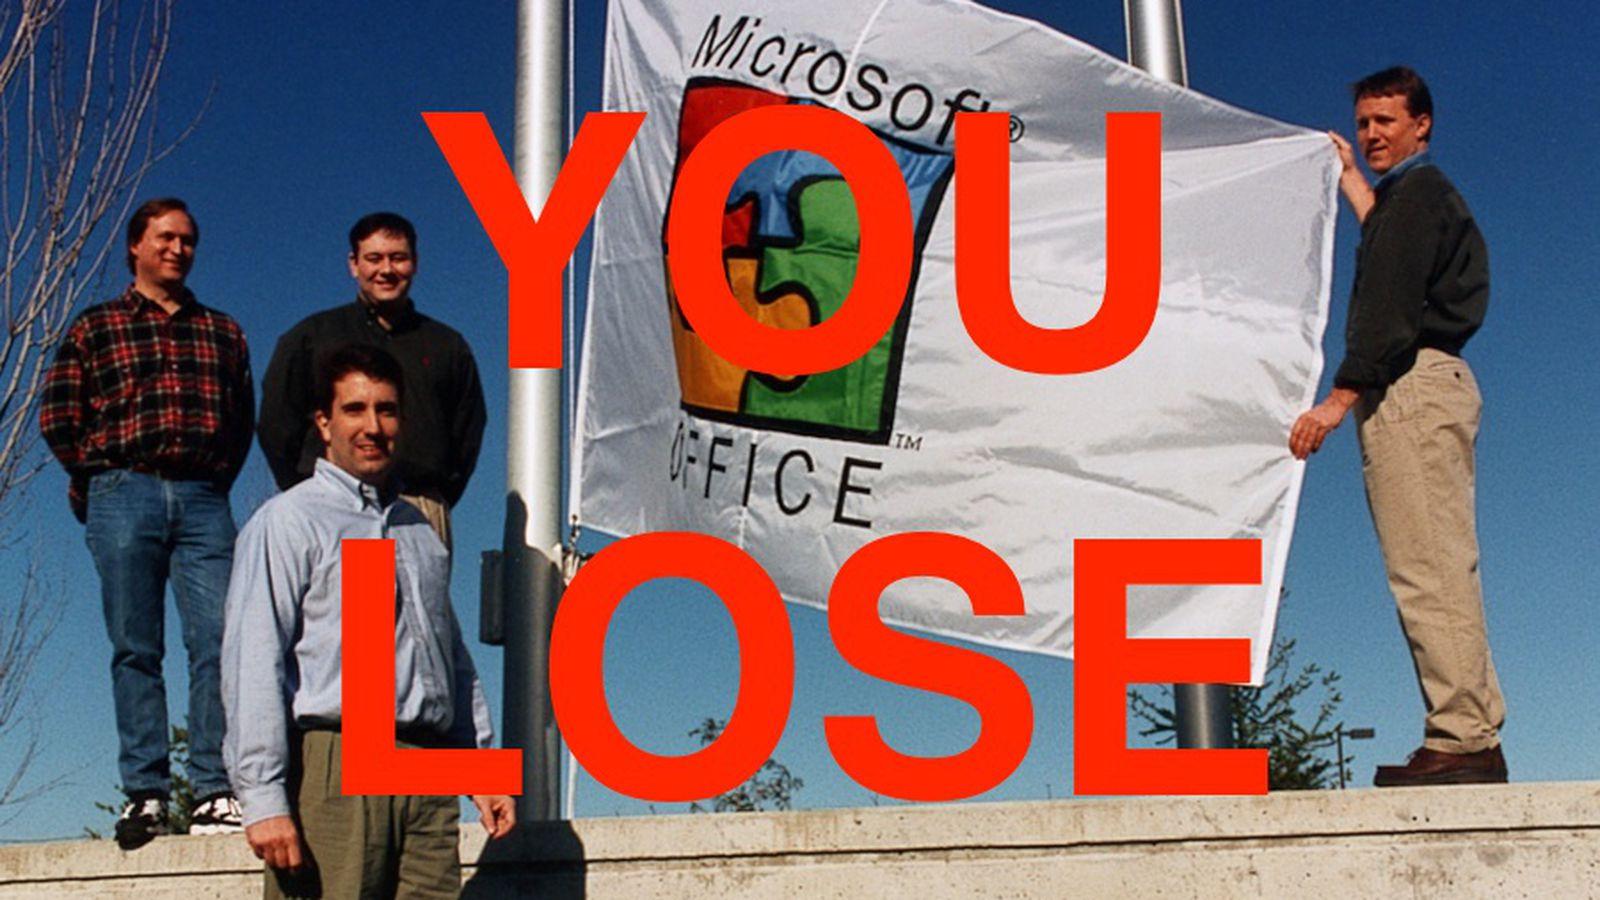 Officeflag.0